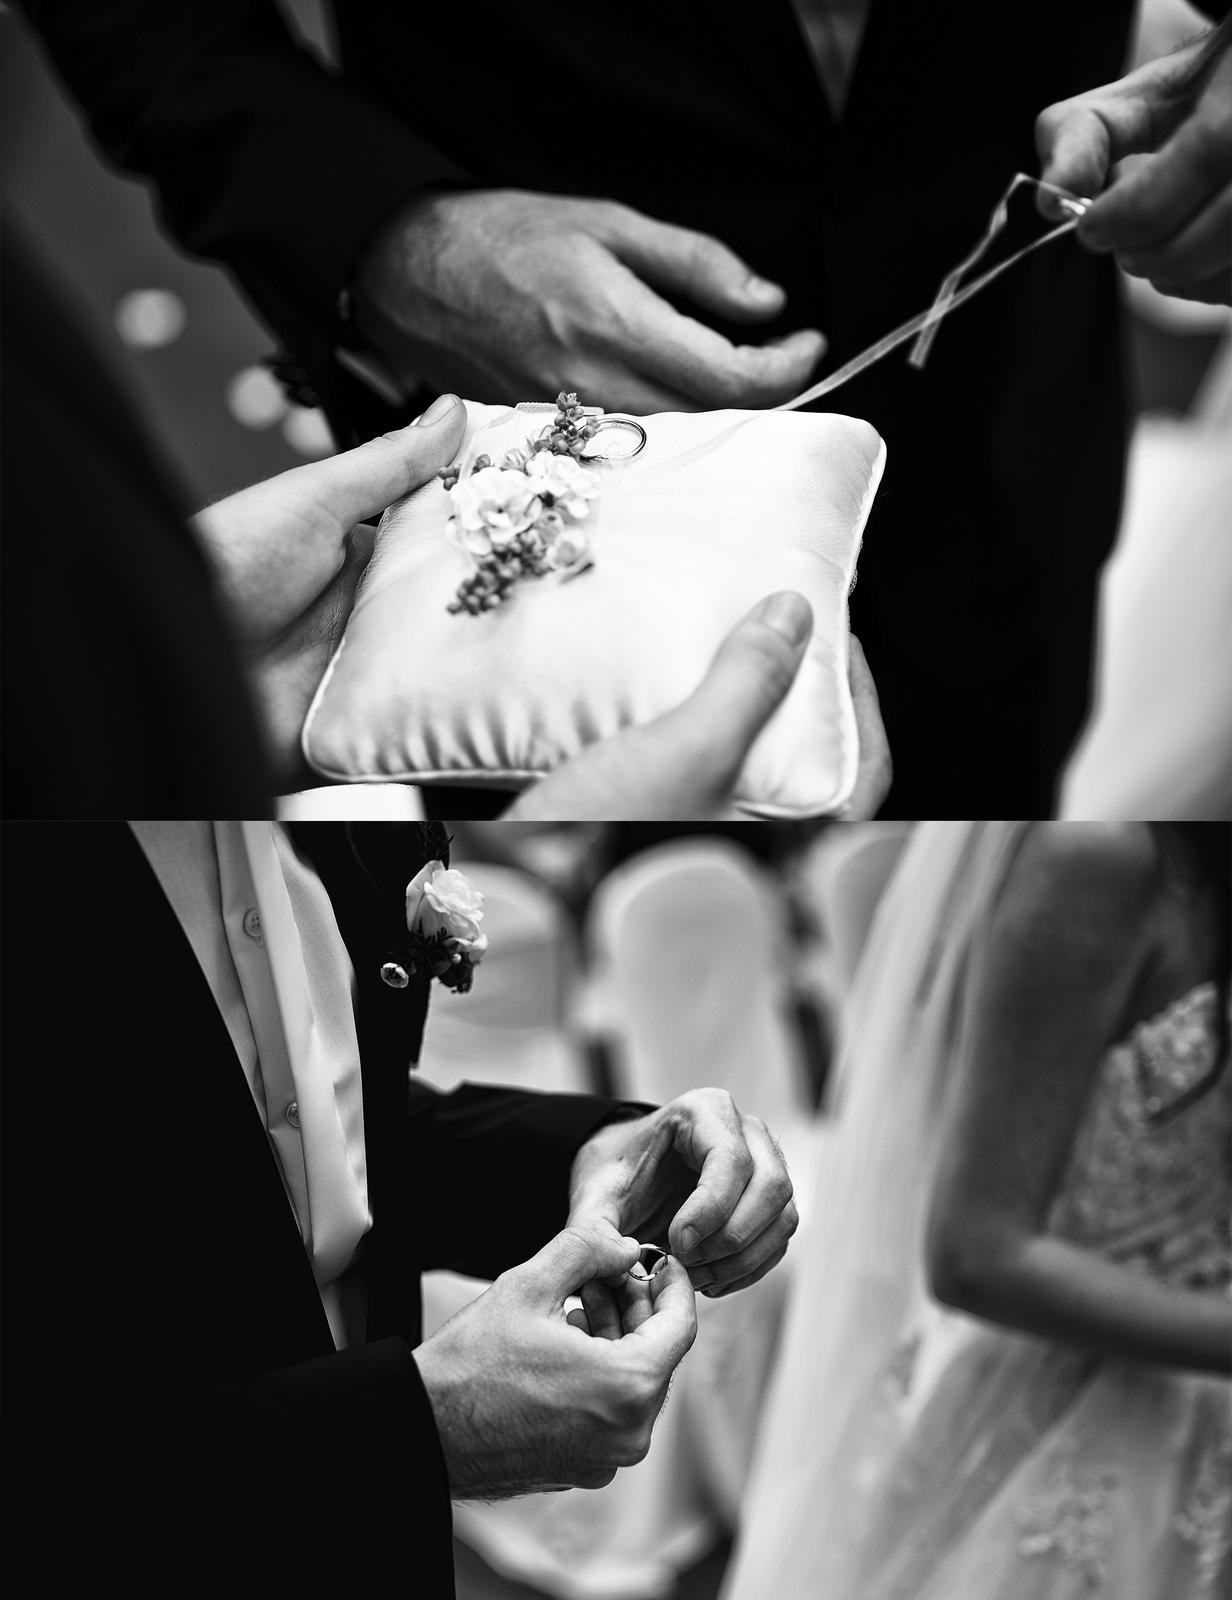 @vladomiklos prikladam prstene ktore... - Obrázok č. 1